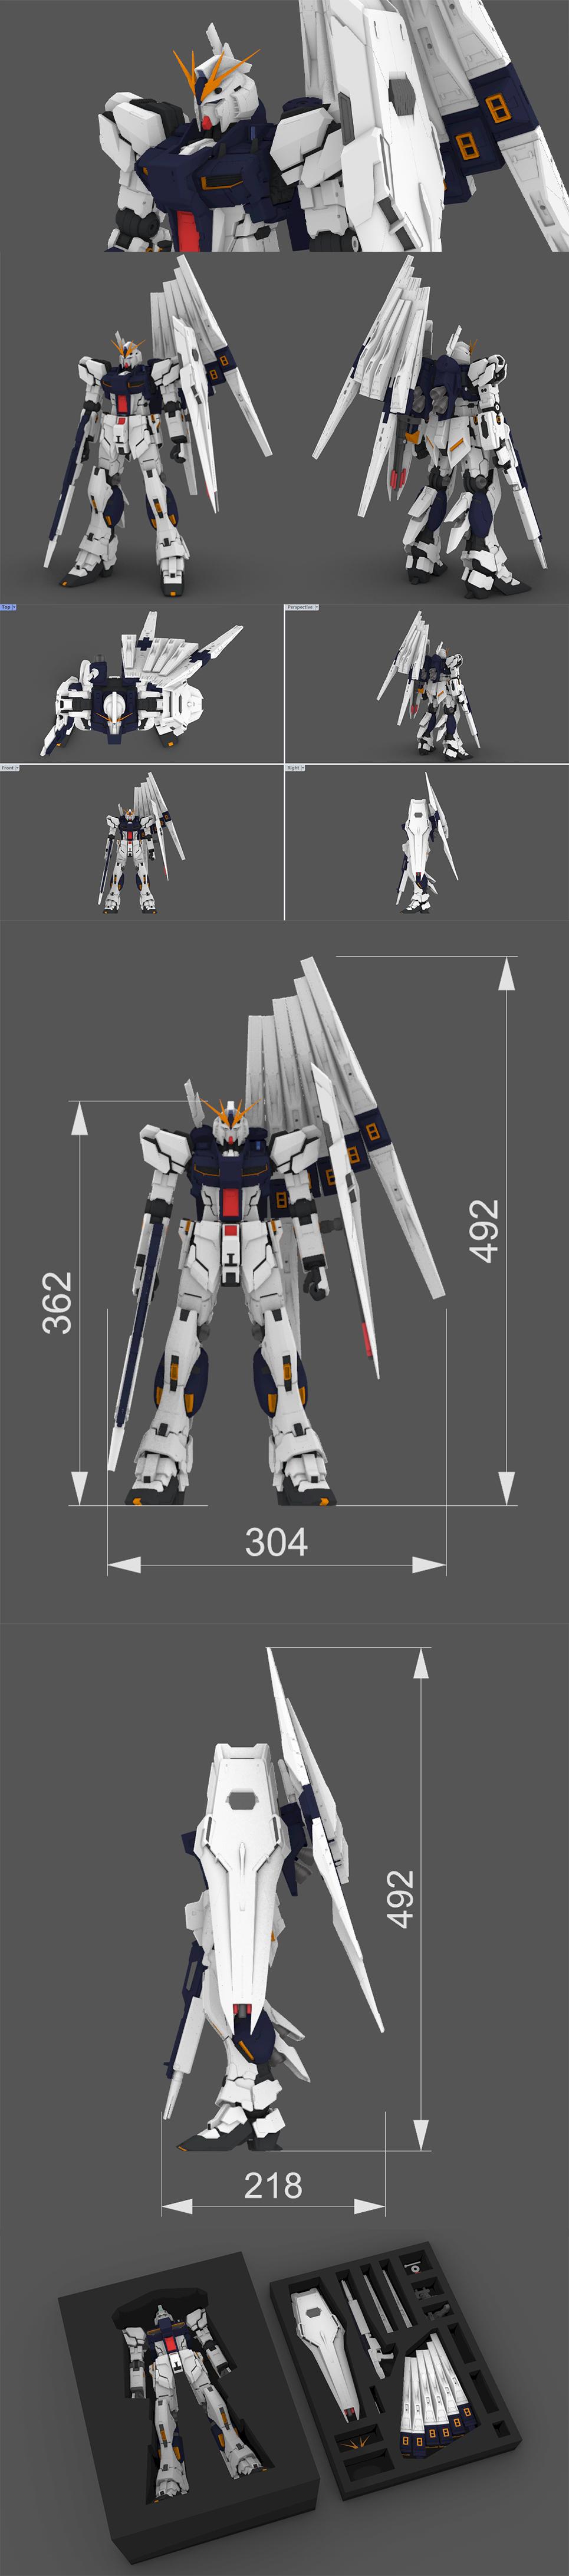 G351_1_60_nu_gundam_gk_010.jpg